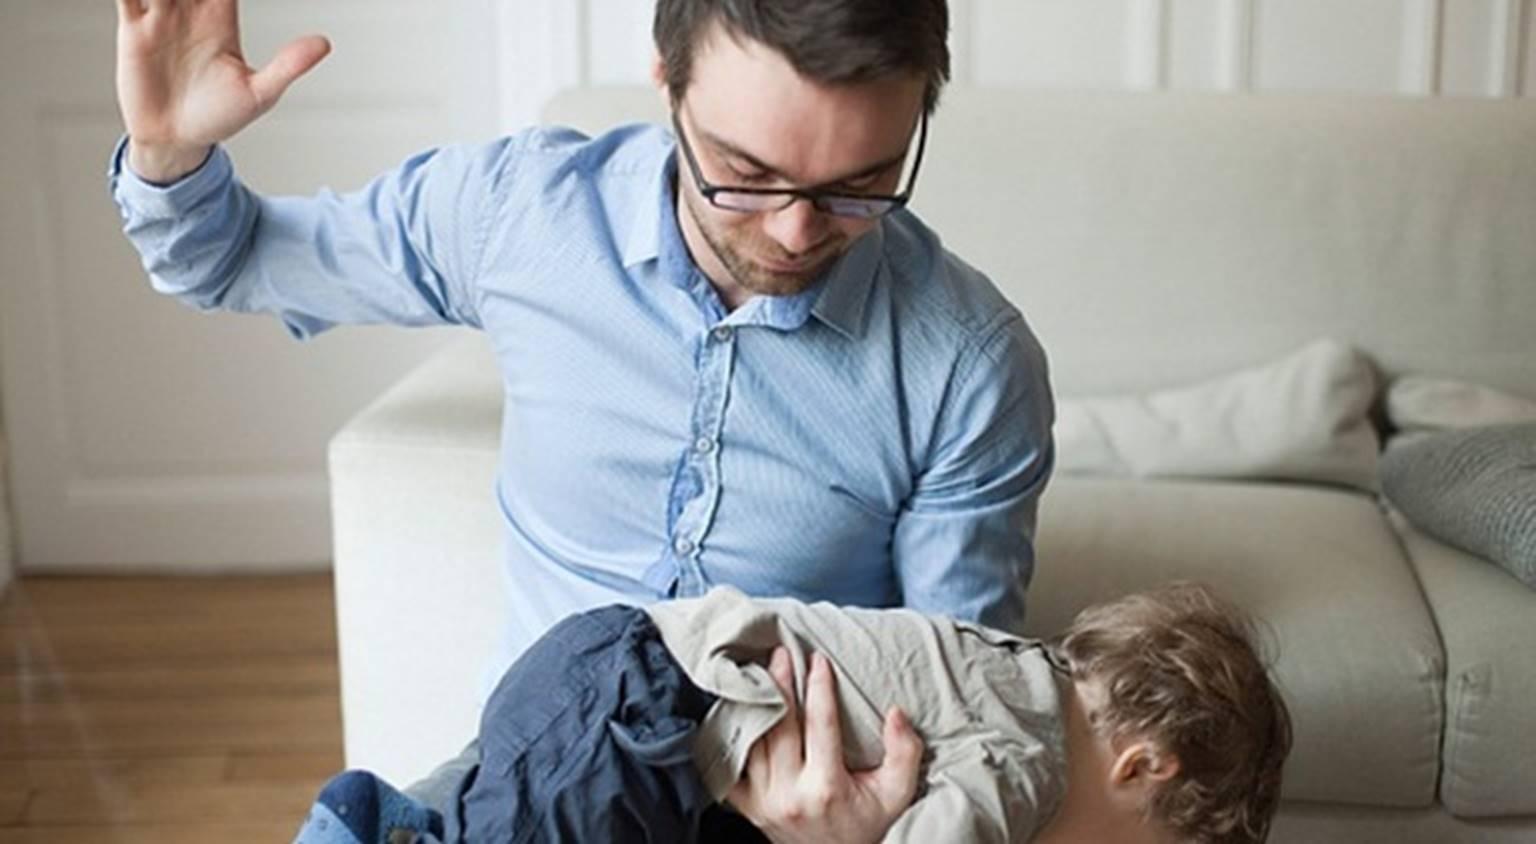 5 cách dạy con tưởng tốt nhưng sai bét khiến cha mẹ hối hận cả đời-1